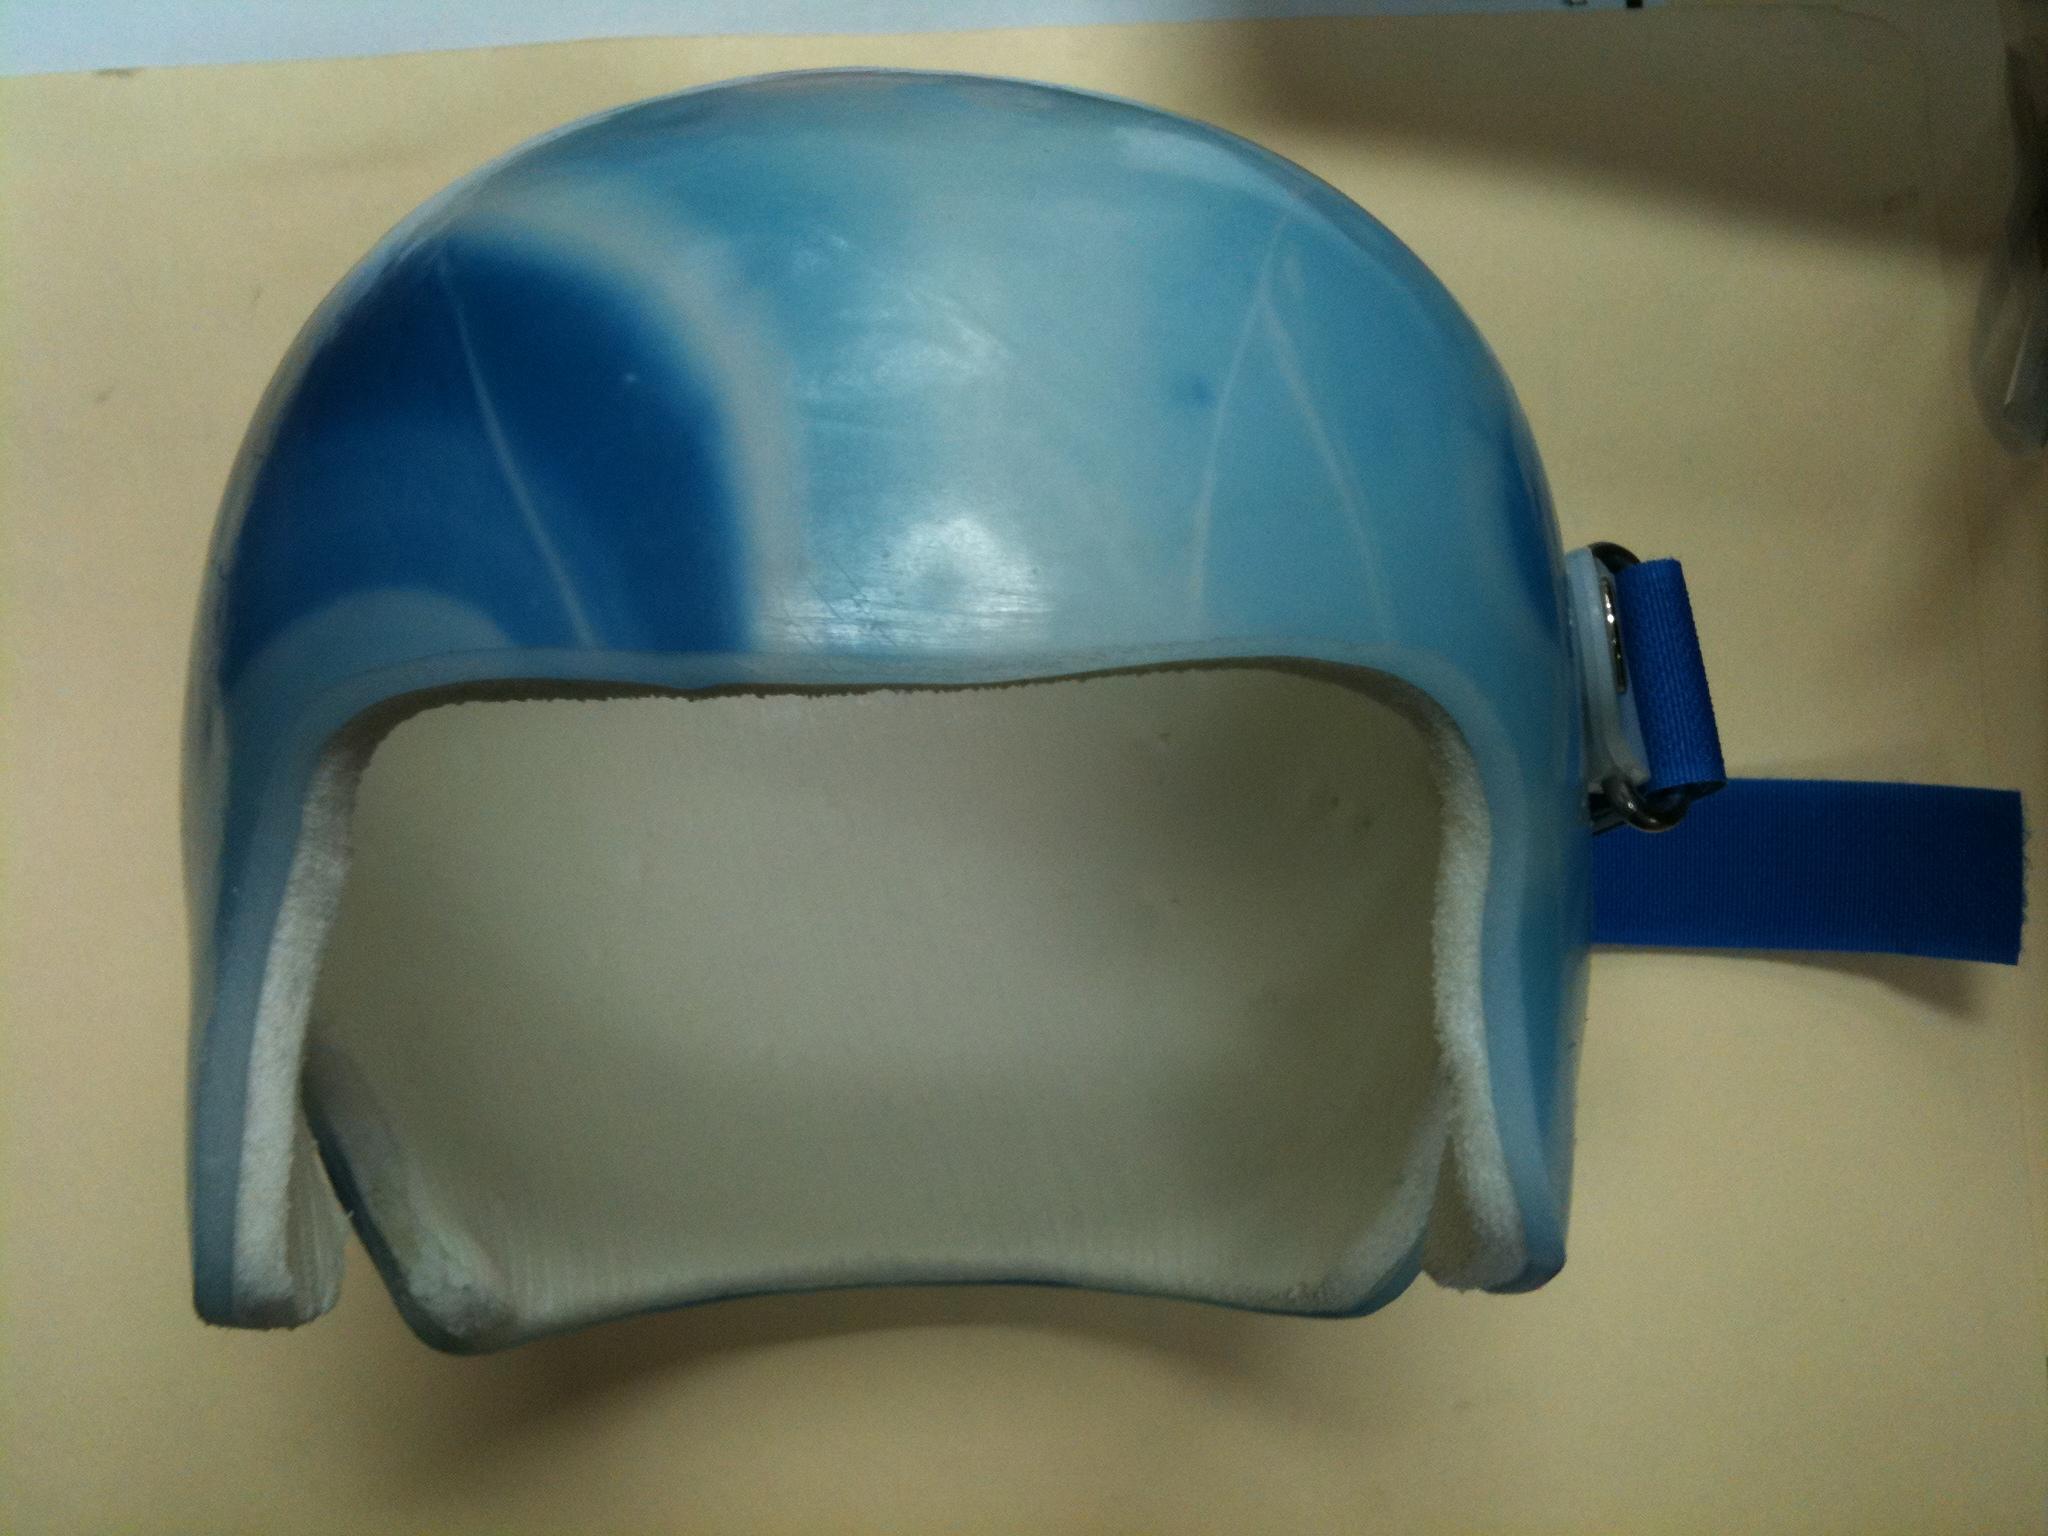 Cranial Helmet Front Massons Healthcare